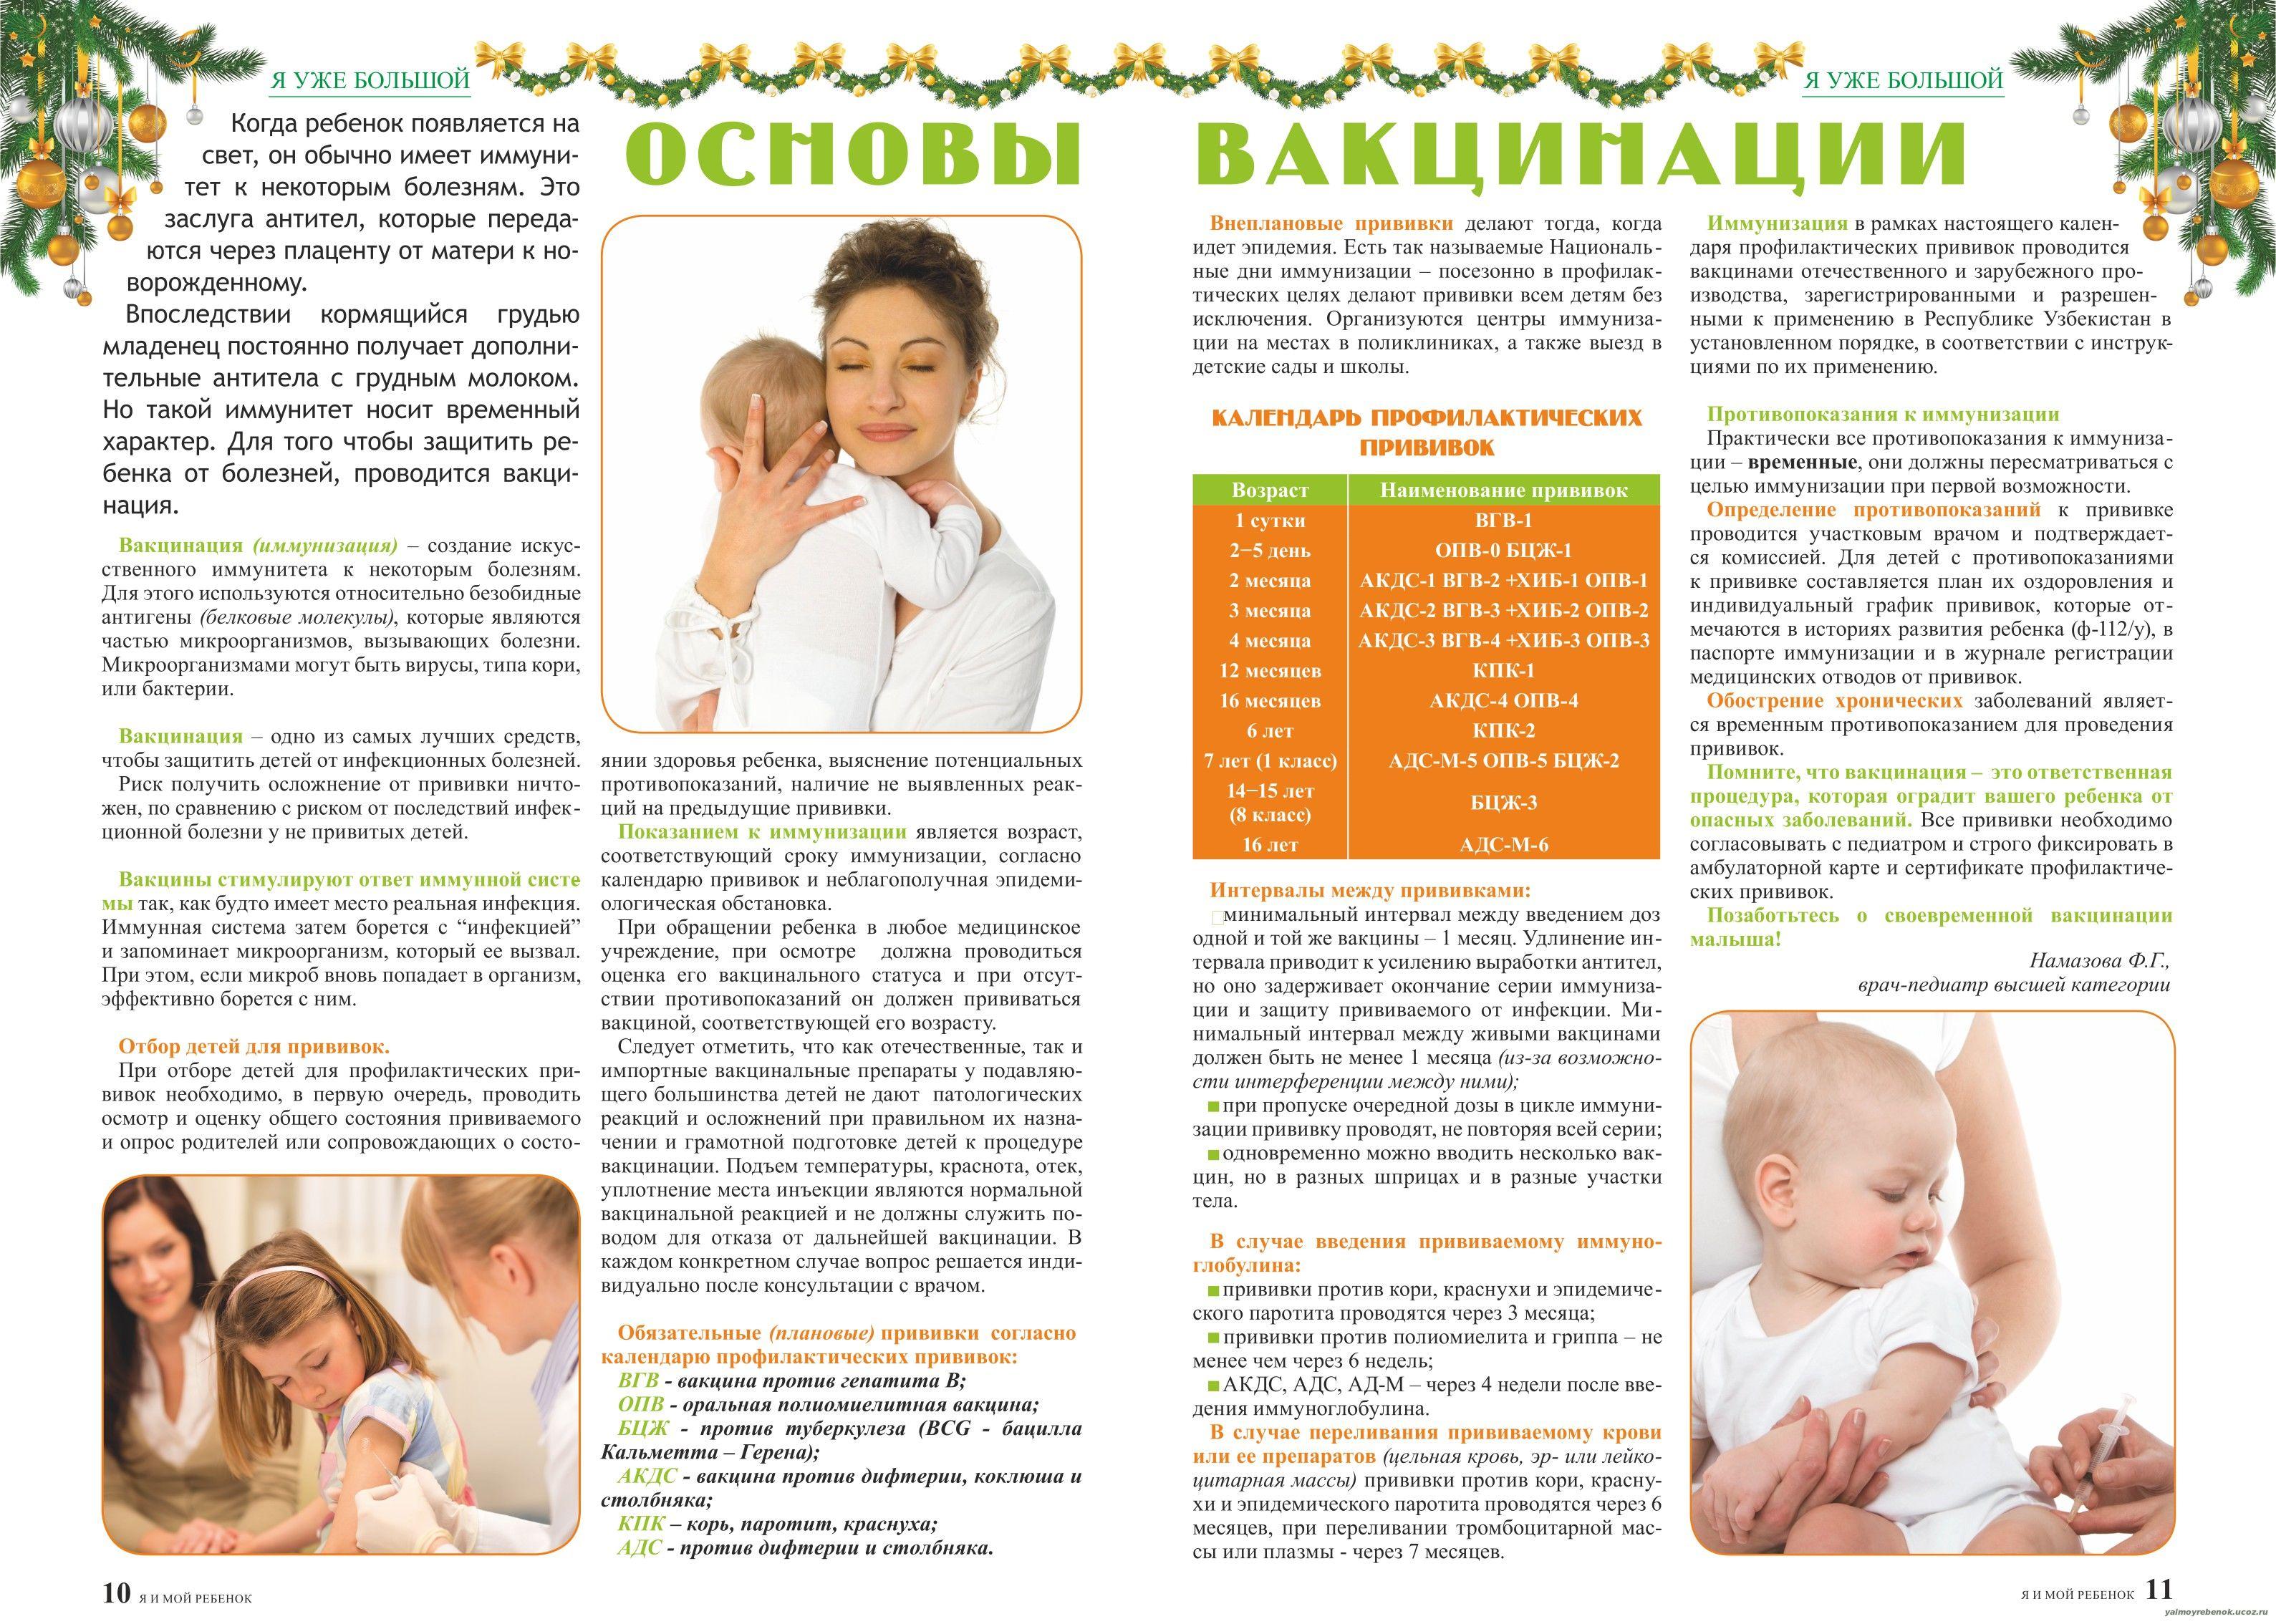 Прививка от ротавируса - показания и возможные осложнения